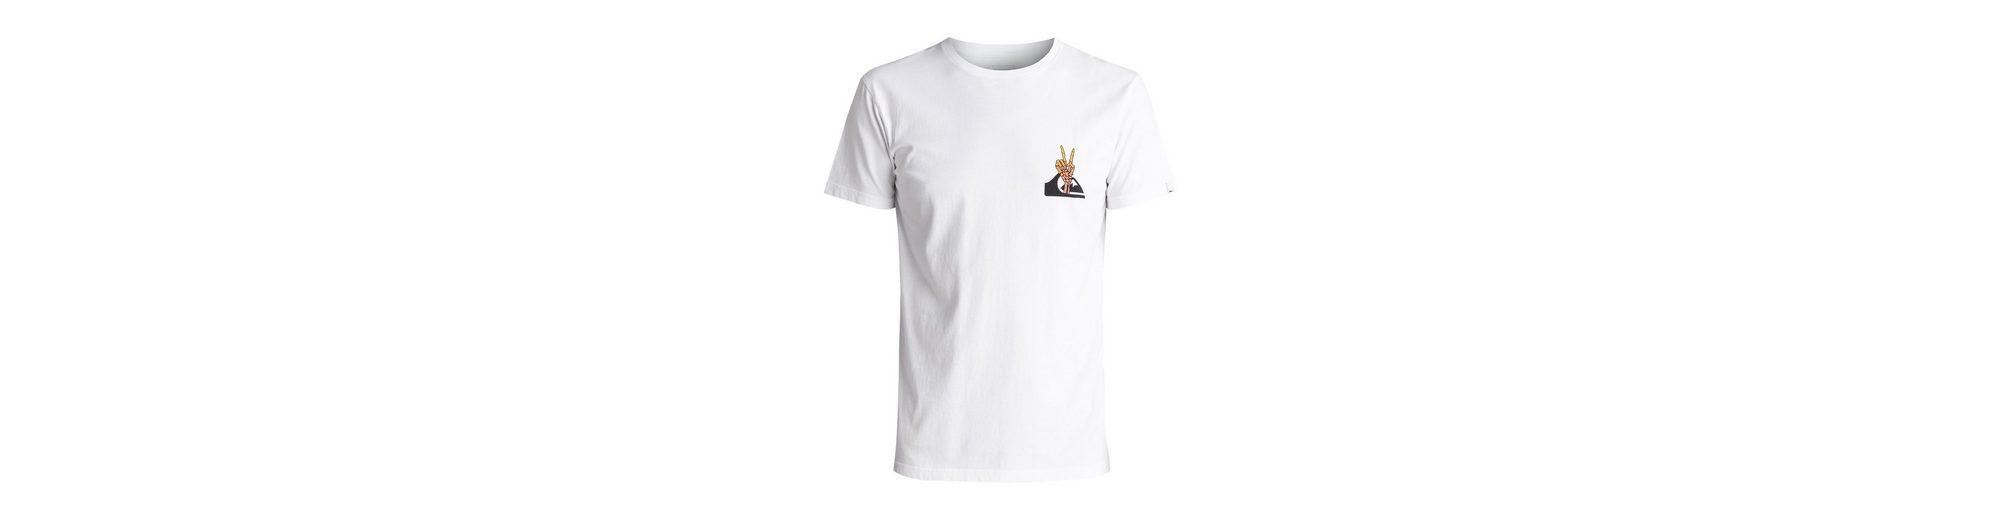 Mit Paypal Zu Verkaufen Quiksilver T-Shirt Premium East Peace Cave Wirklich Günstiger Preis Rabatt Günstig Online Limitierte Auflage Online-Verkauf Erscheinungsdaten Online KaOVoziG